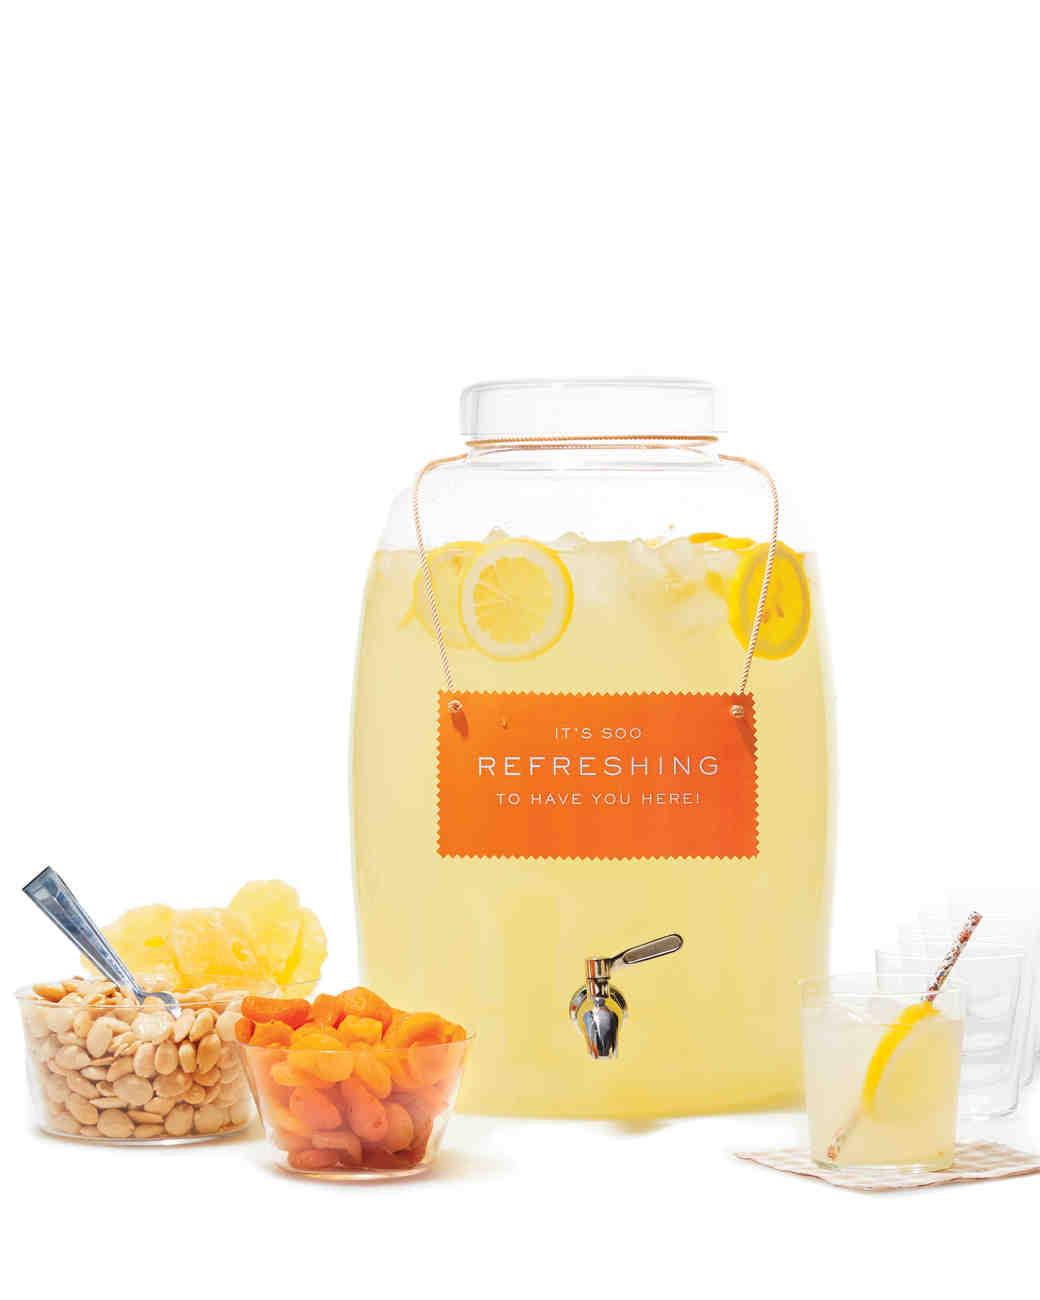 lemonade-dried-fruit-059-mwd110687.jpg